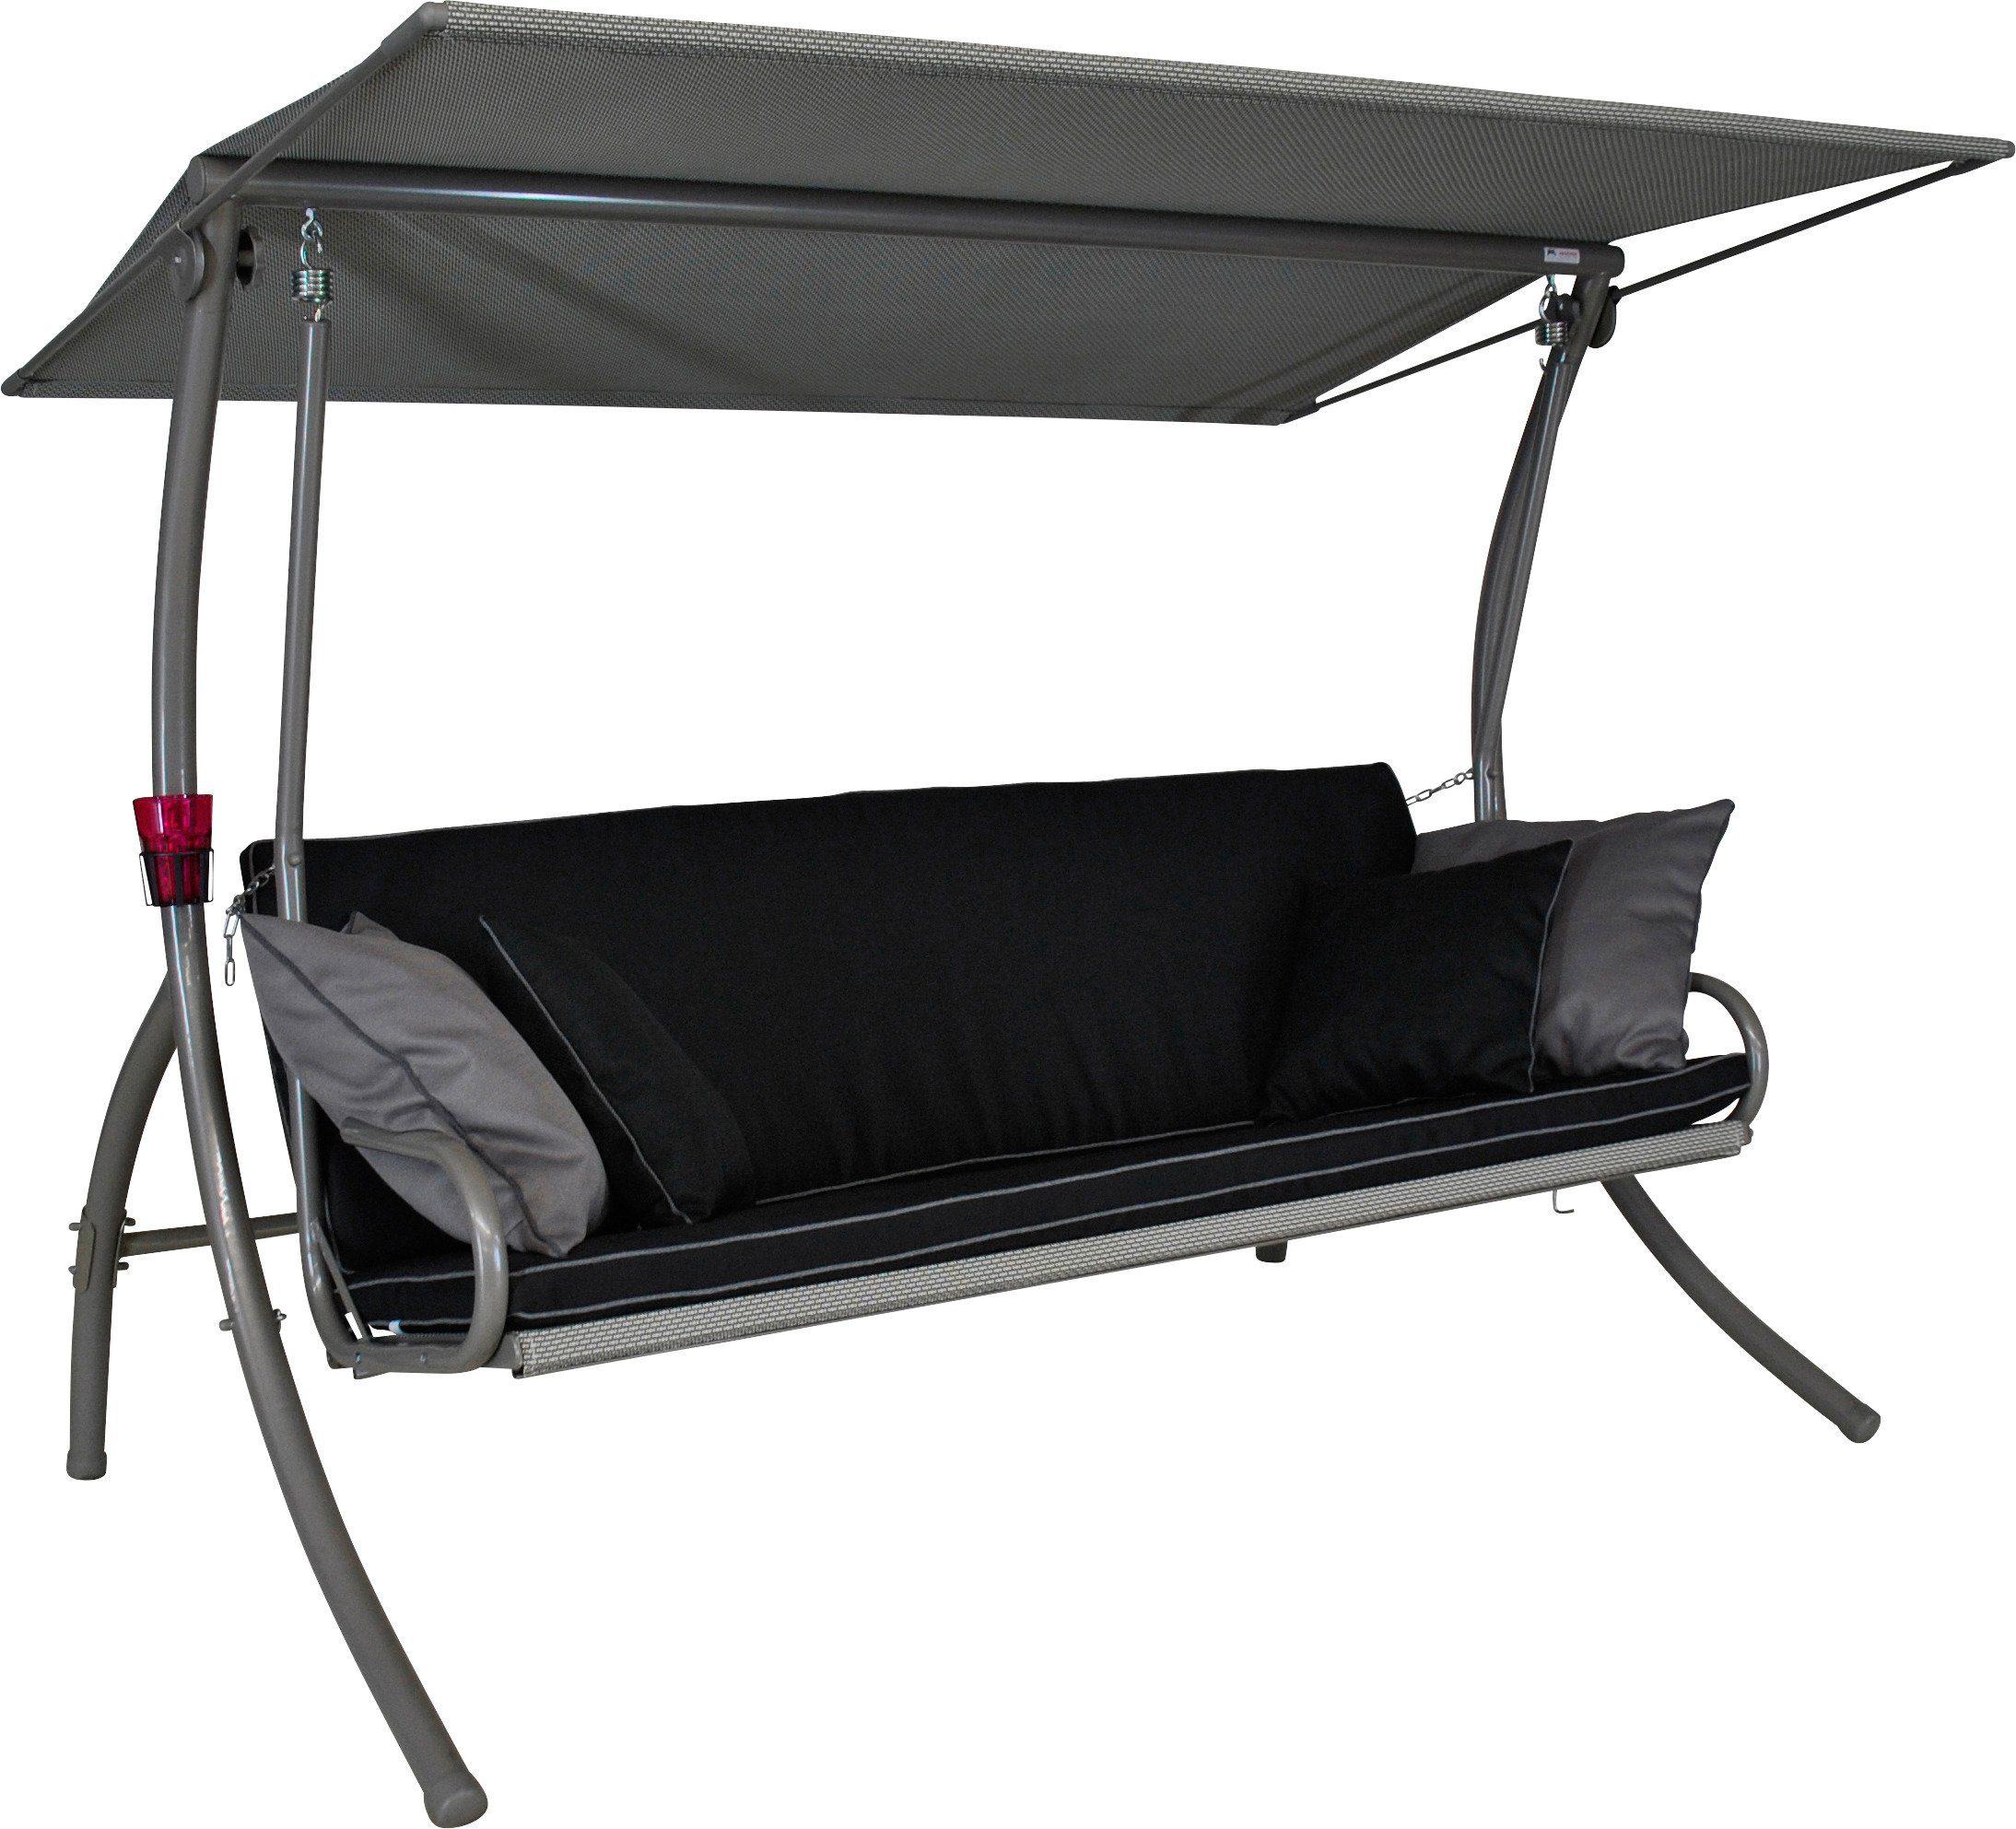 ANGERER FREIZEITMÖBEL Hollywoodschaukel »Elegance Style«, 3-Sitzer, schwarz